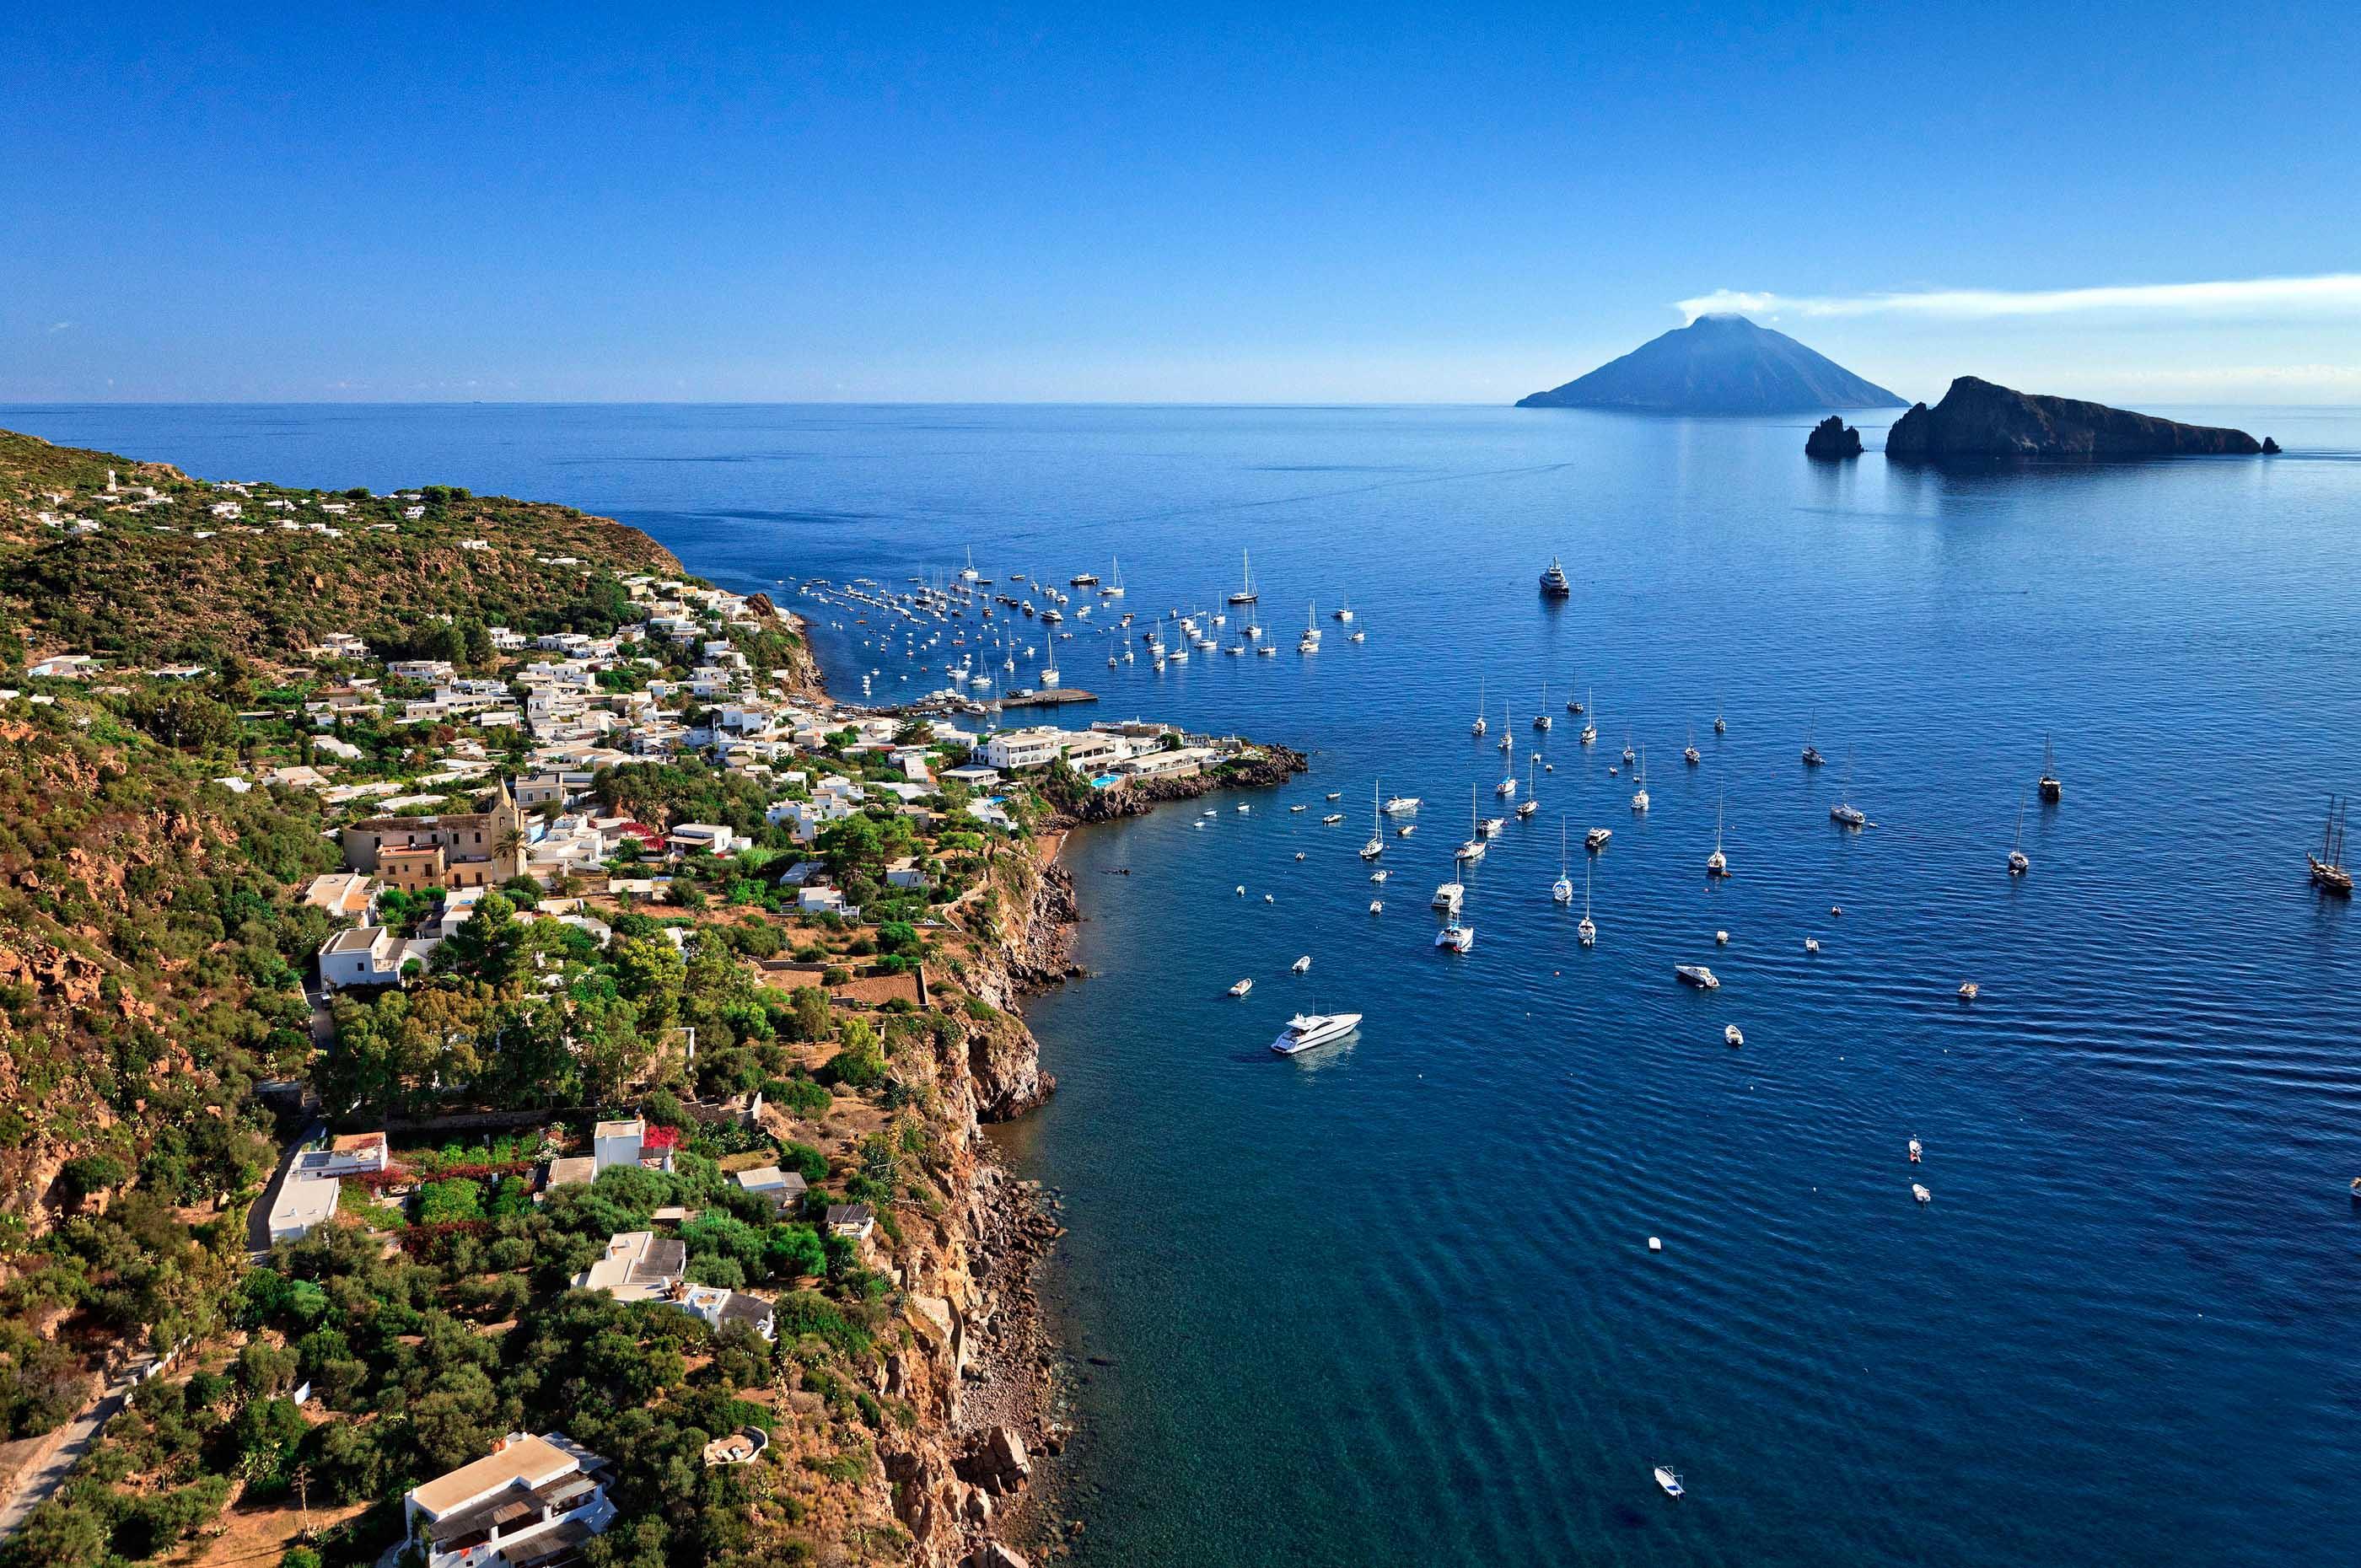 Sizilien & Äolische Inseln: Entspannt Erleben